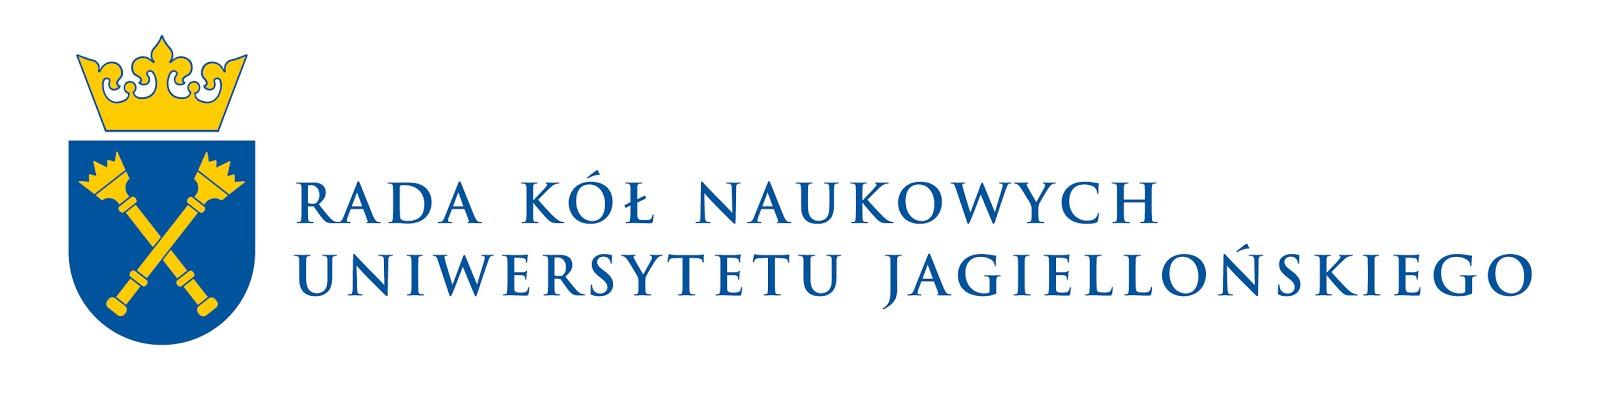 Sponsorzy IV FKK - Rada Kół Naukowych UJ